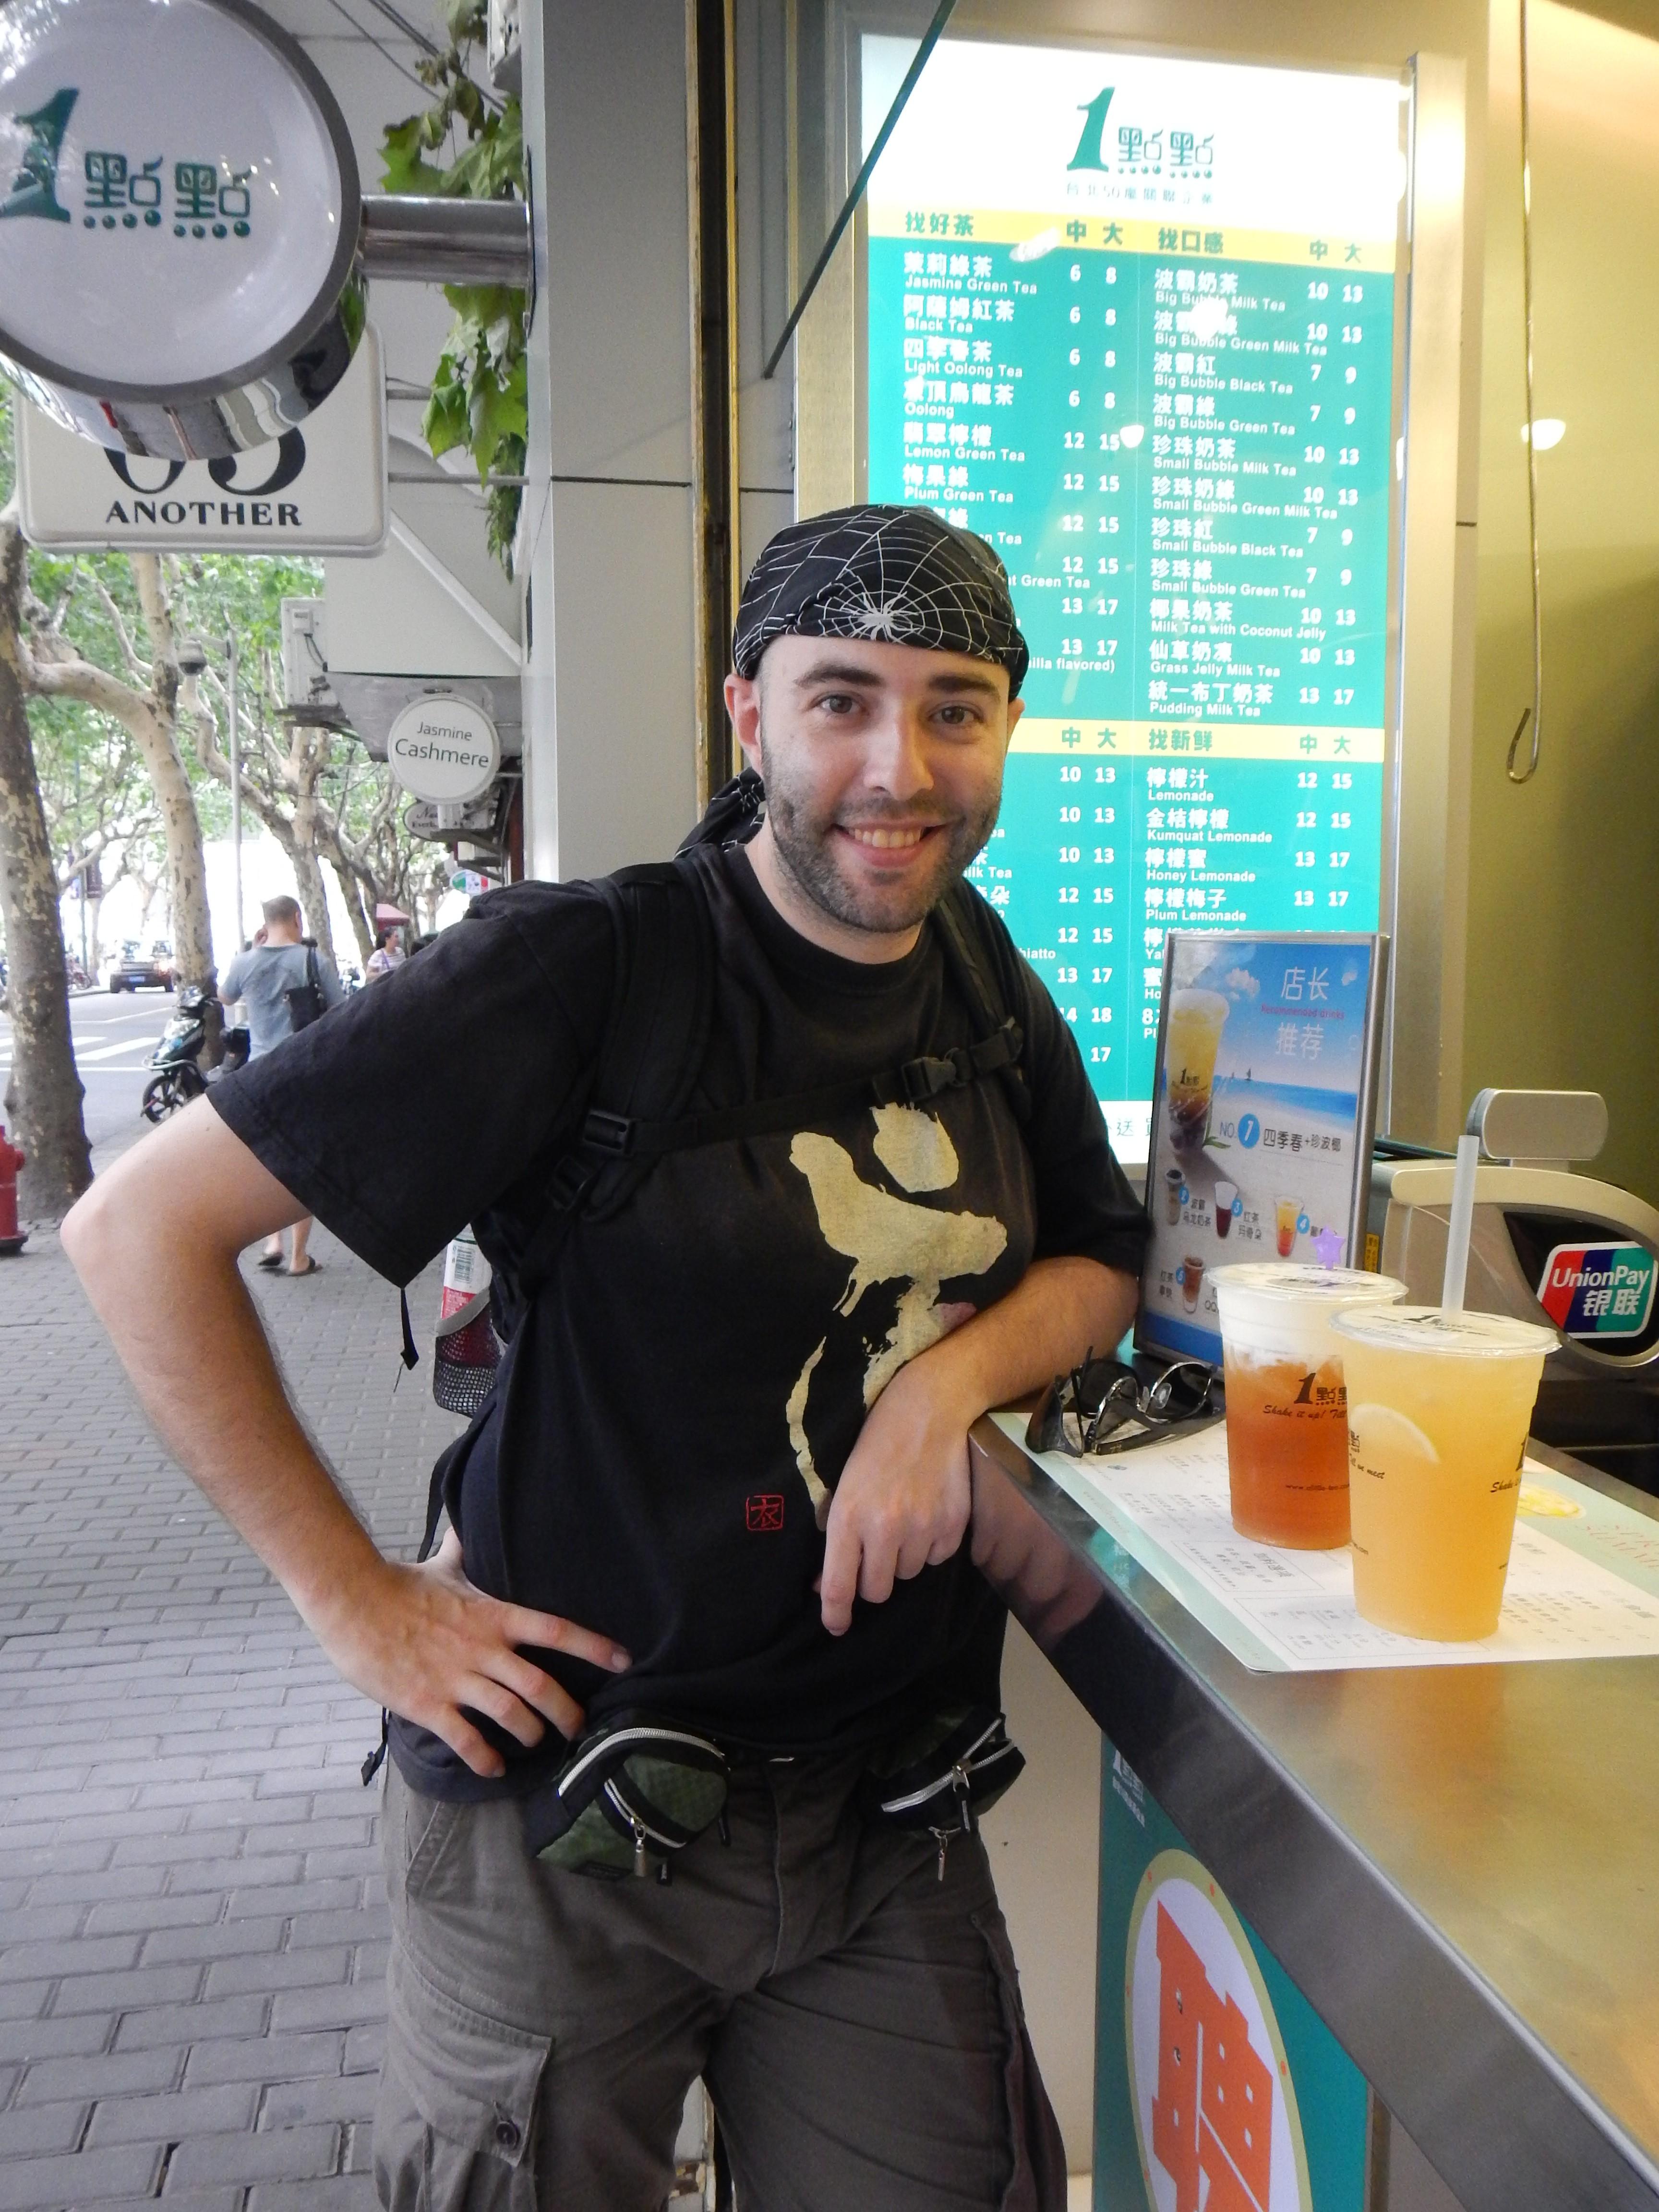 ¡Ey, lo que está más cerca de mí no es una cerveza! Es té con nata, mmm.